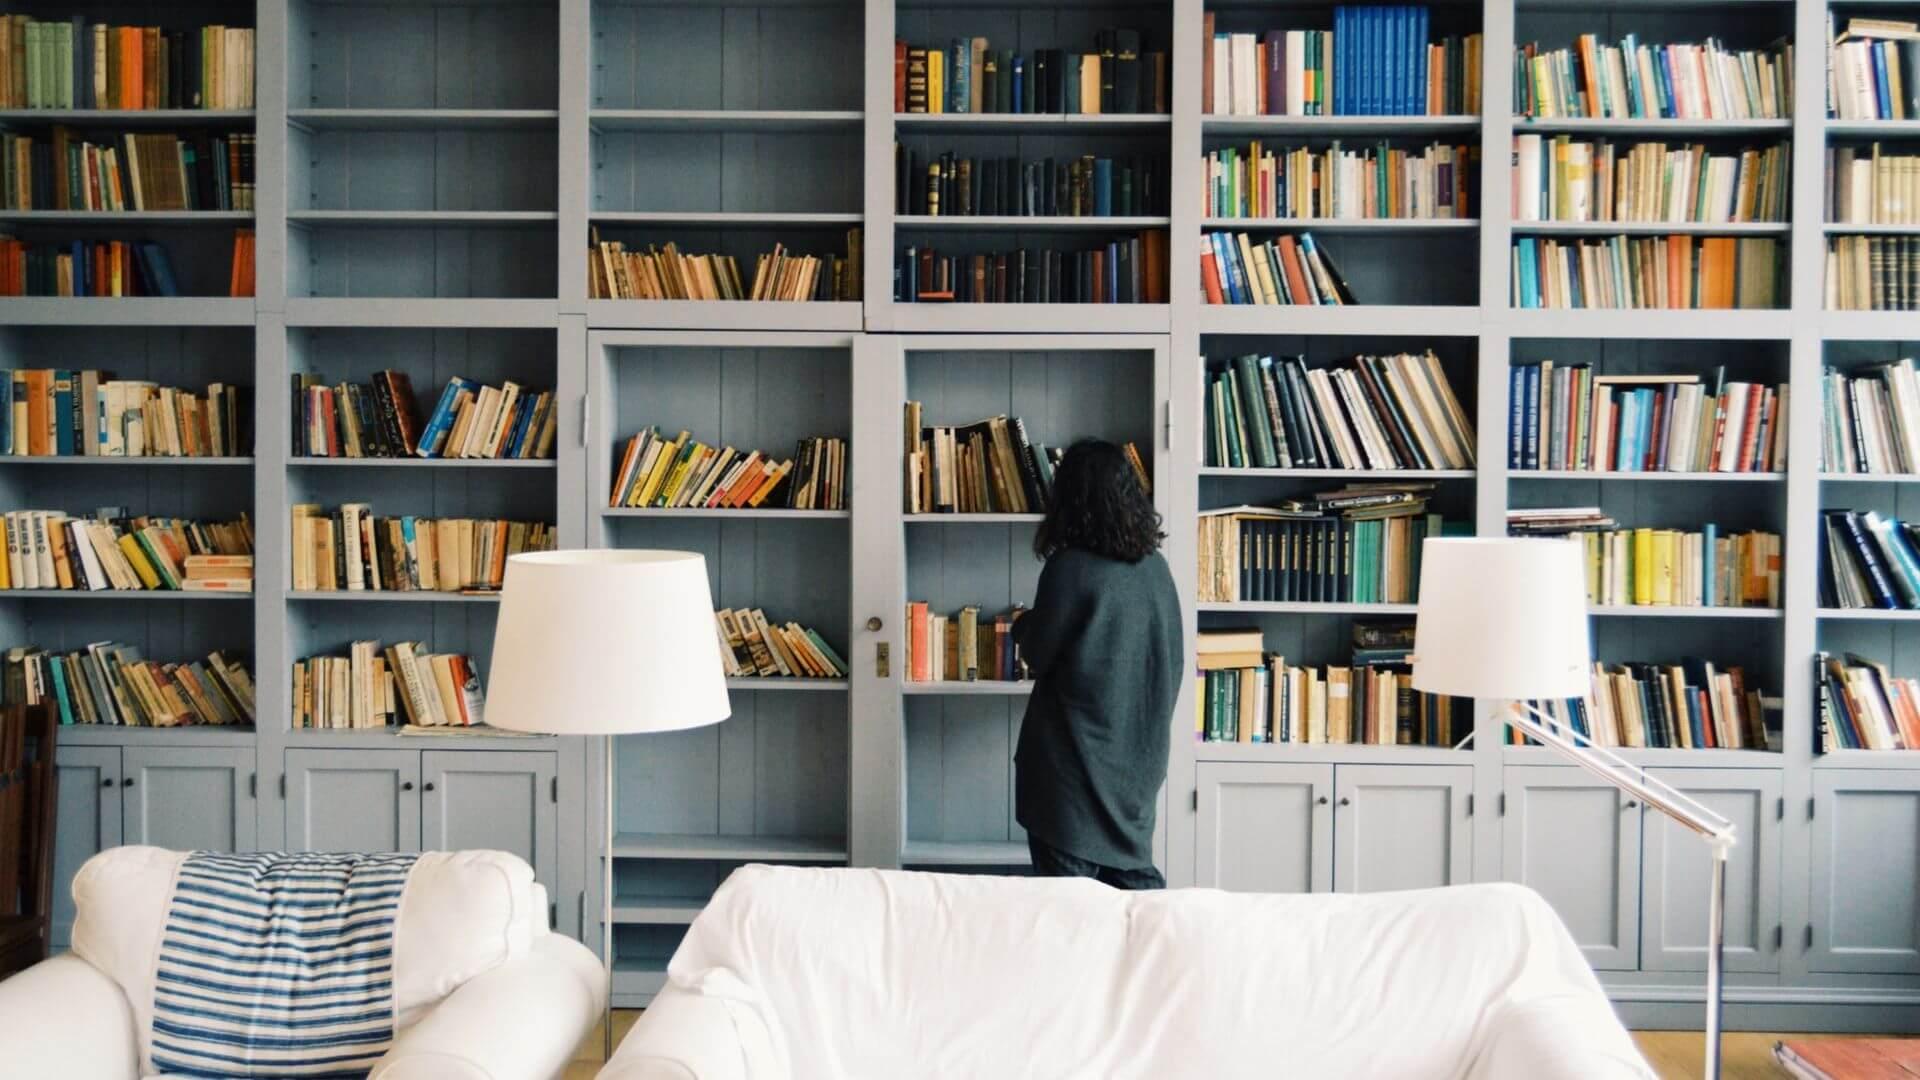 Proyectos literarios más allá de los libros: de Bookish a Prosa Ojerosa